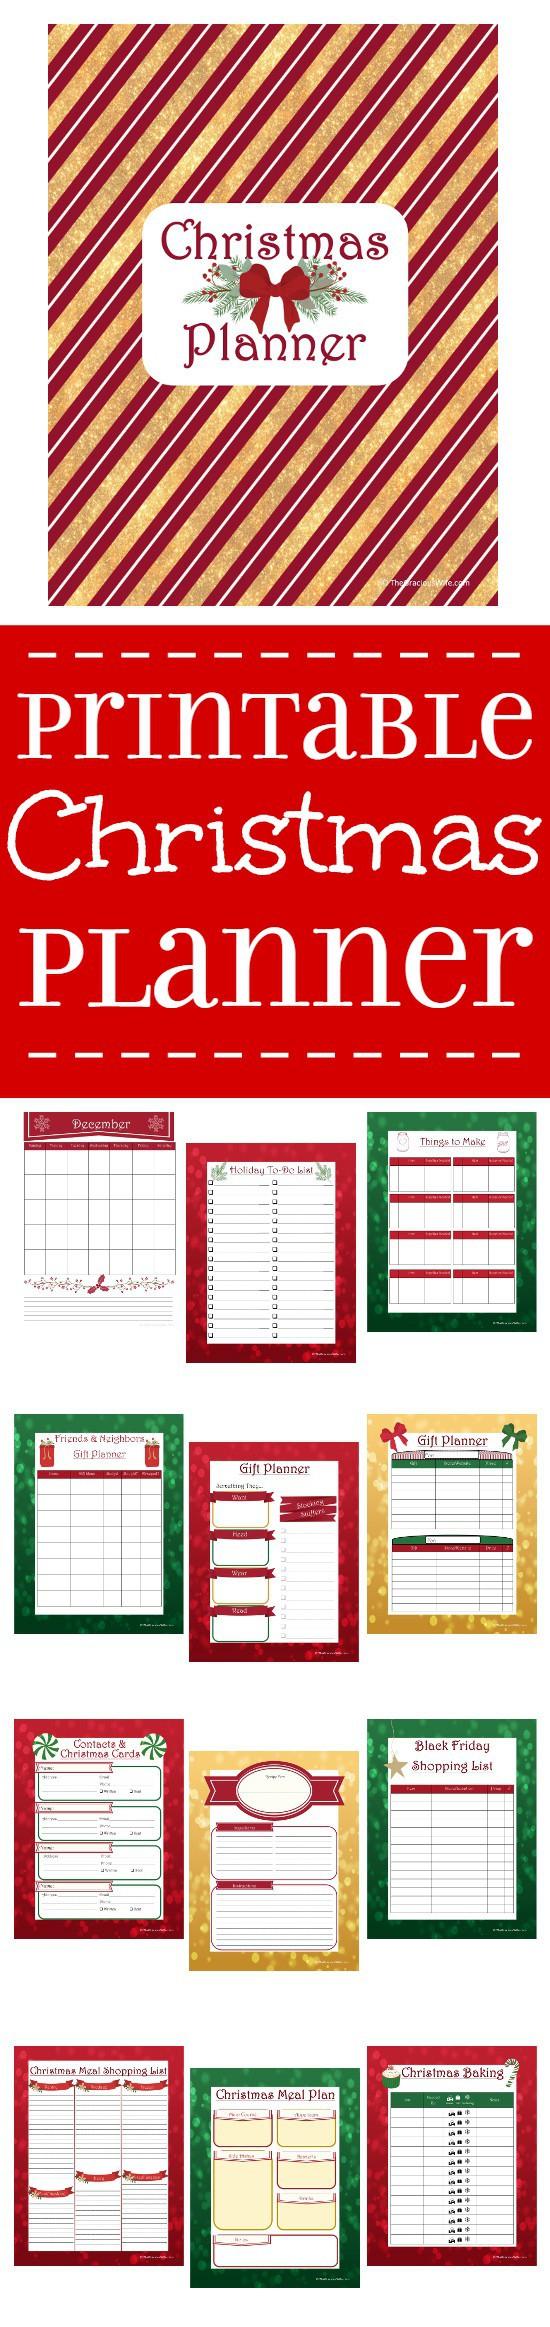 Printable Christmas Planner The Gracious Wife